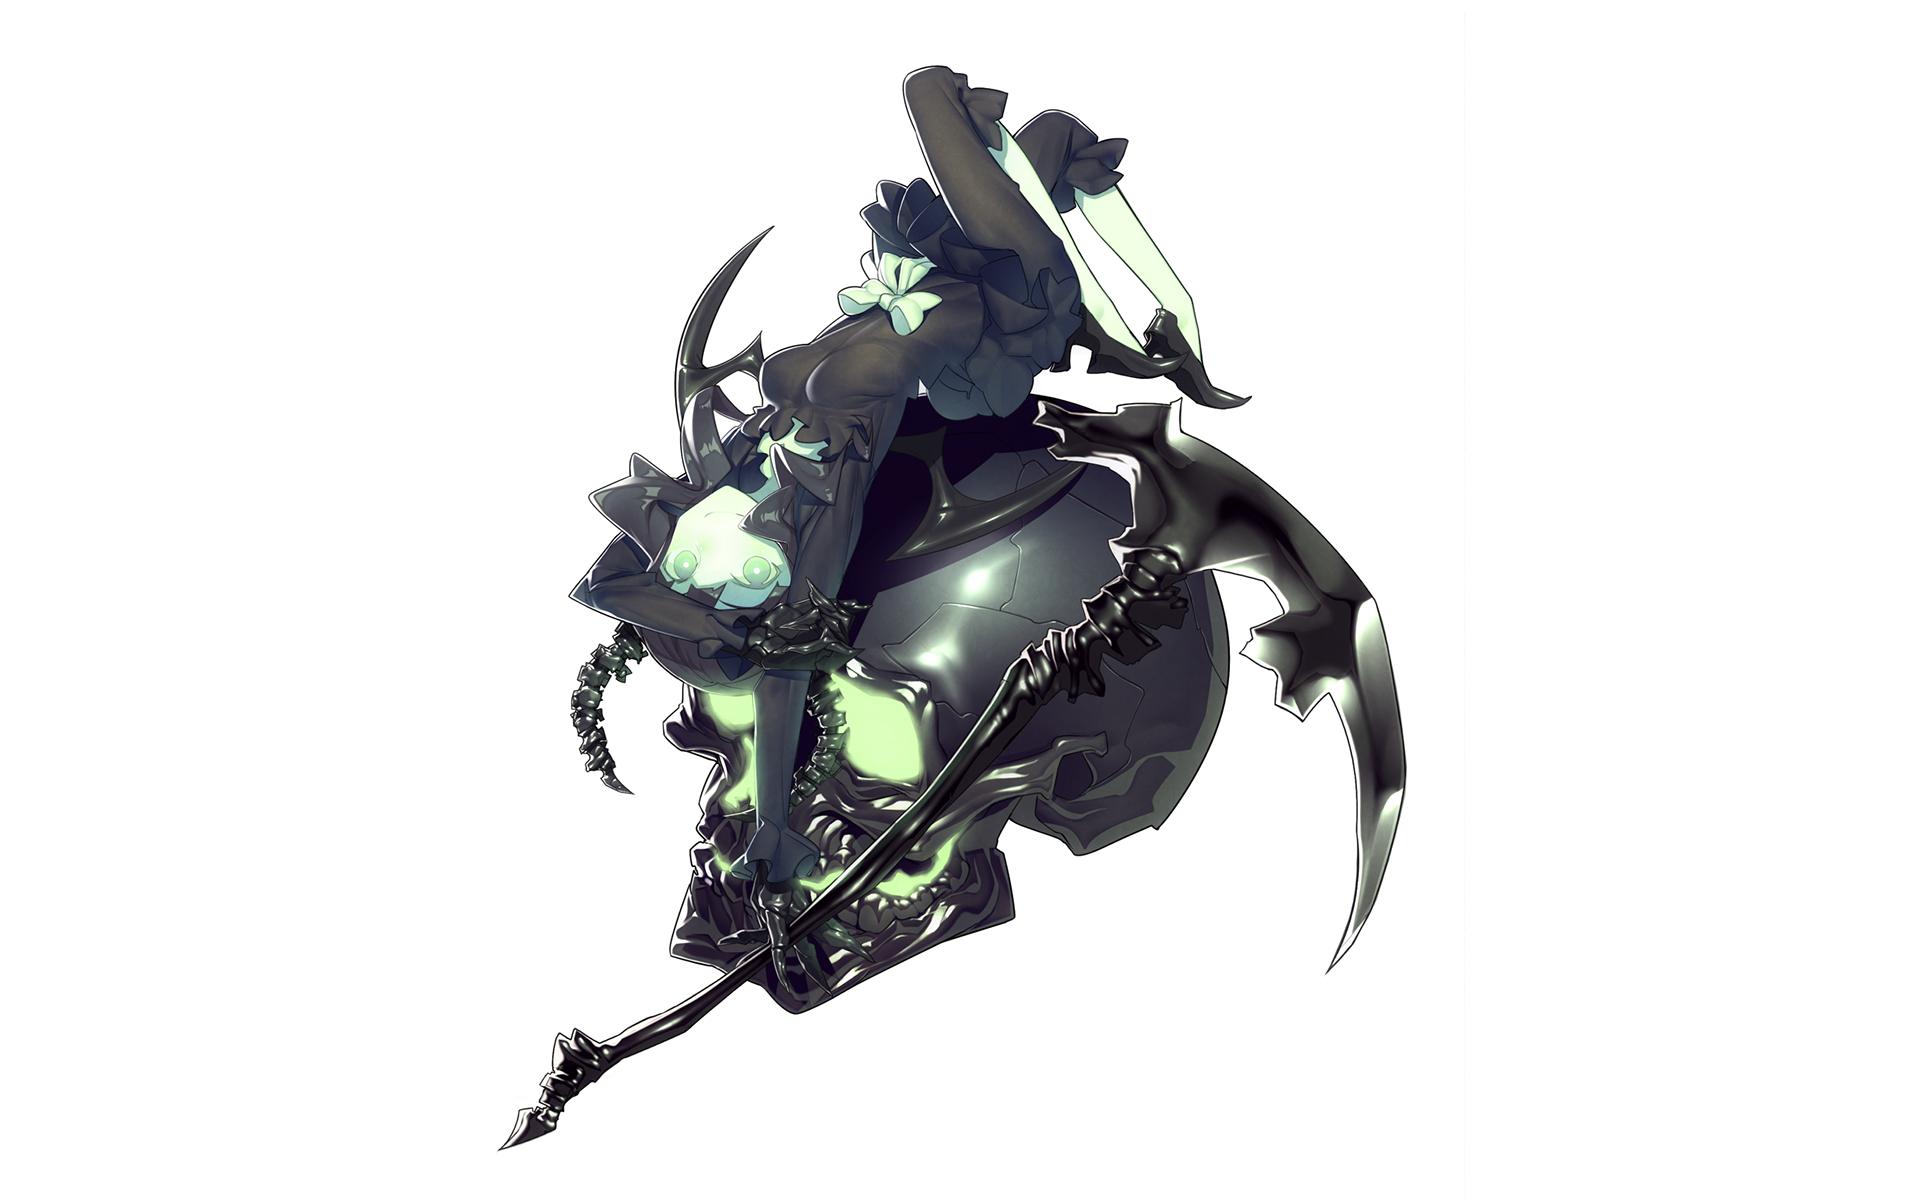 Skull anime white black rock shooter scythe wallpaper - Anime scythe wallpaper ...